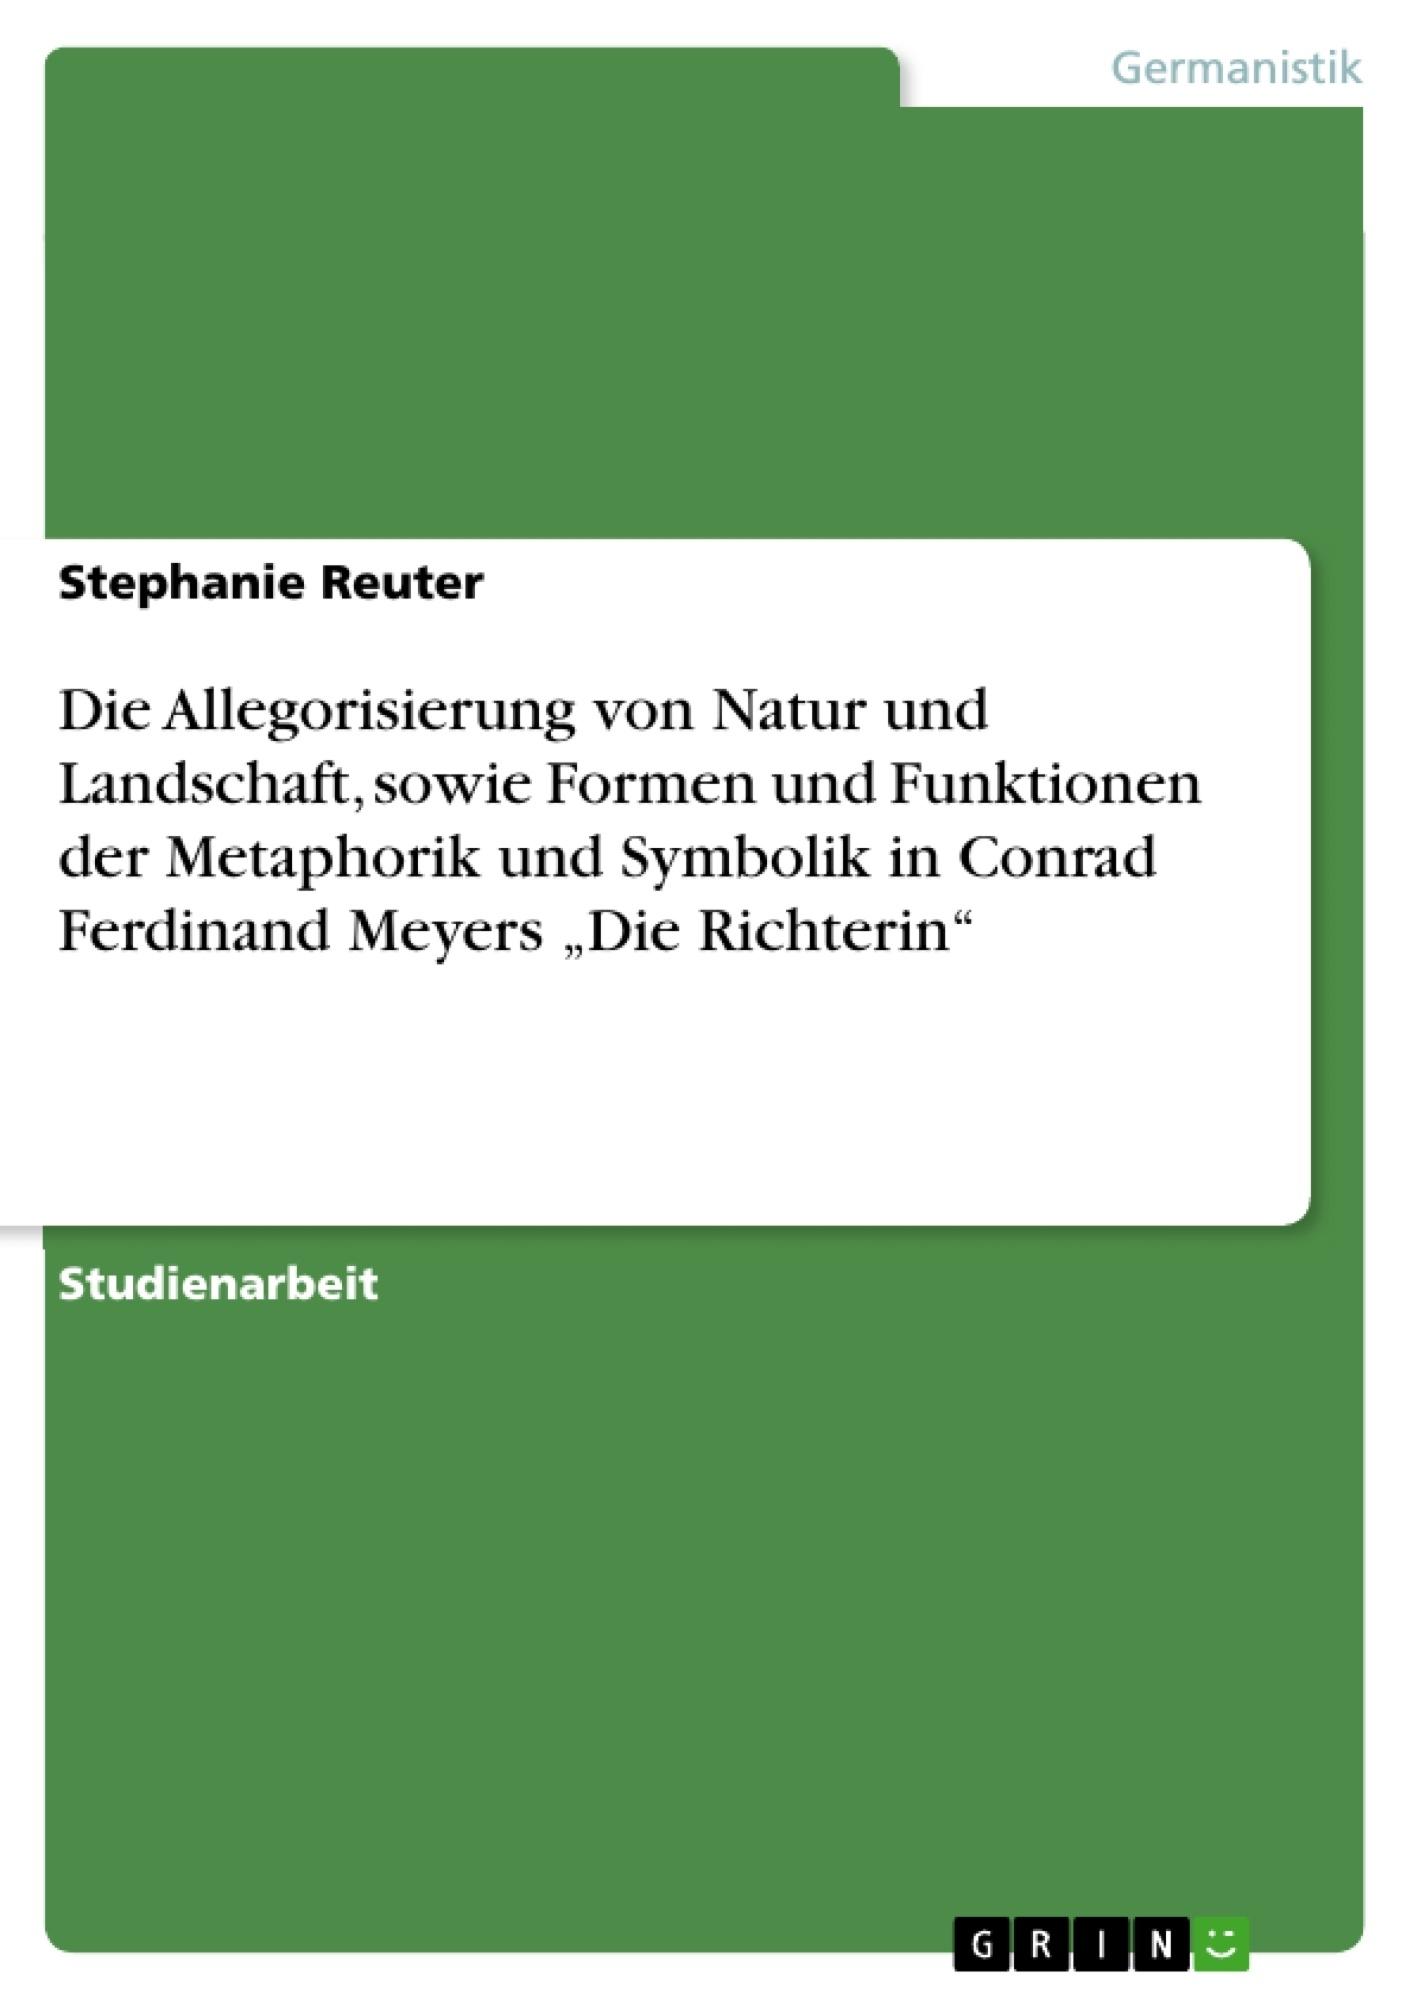 """Titel: Die Allegorisierung von Natur und Landschaft, sowie Formen und Funktionen der Metaphorik und Symbolik in  Conrad Ferdinand Meyers """"Die Richterin"""""""